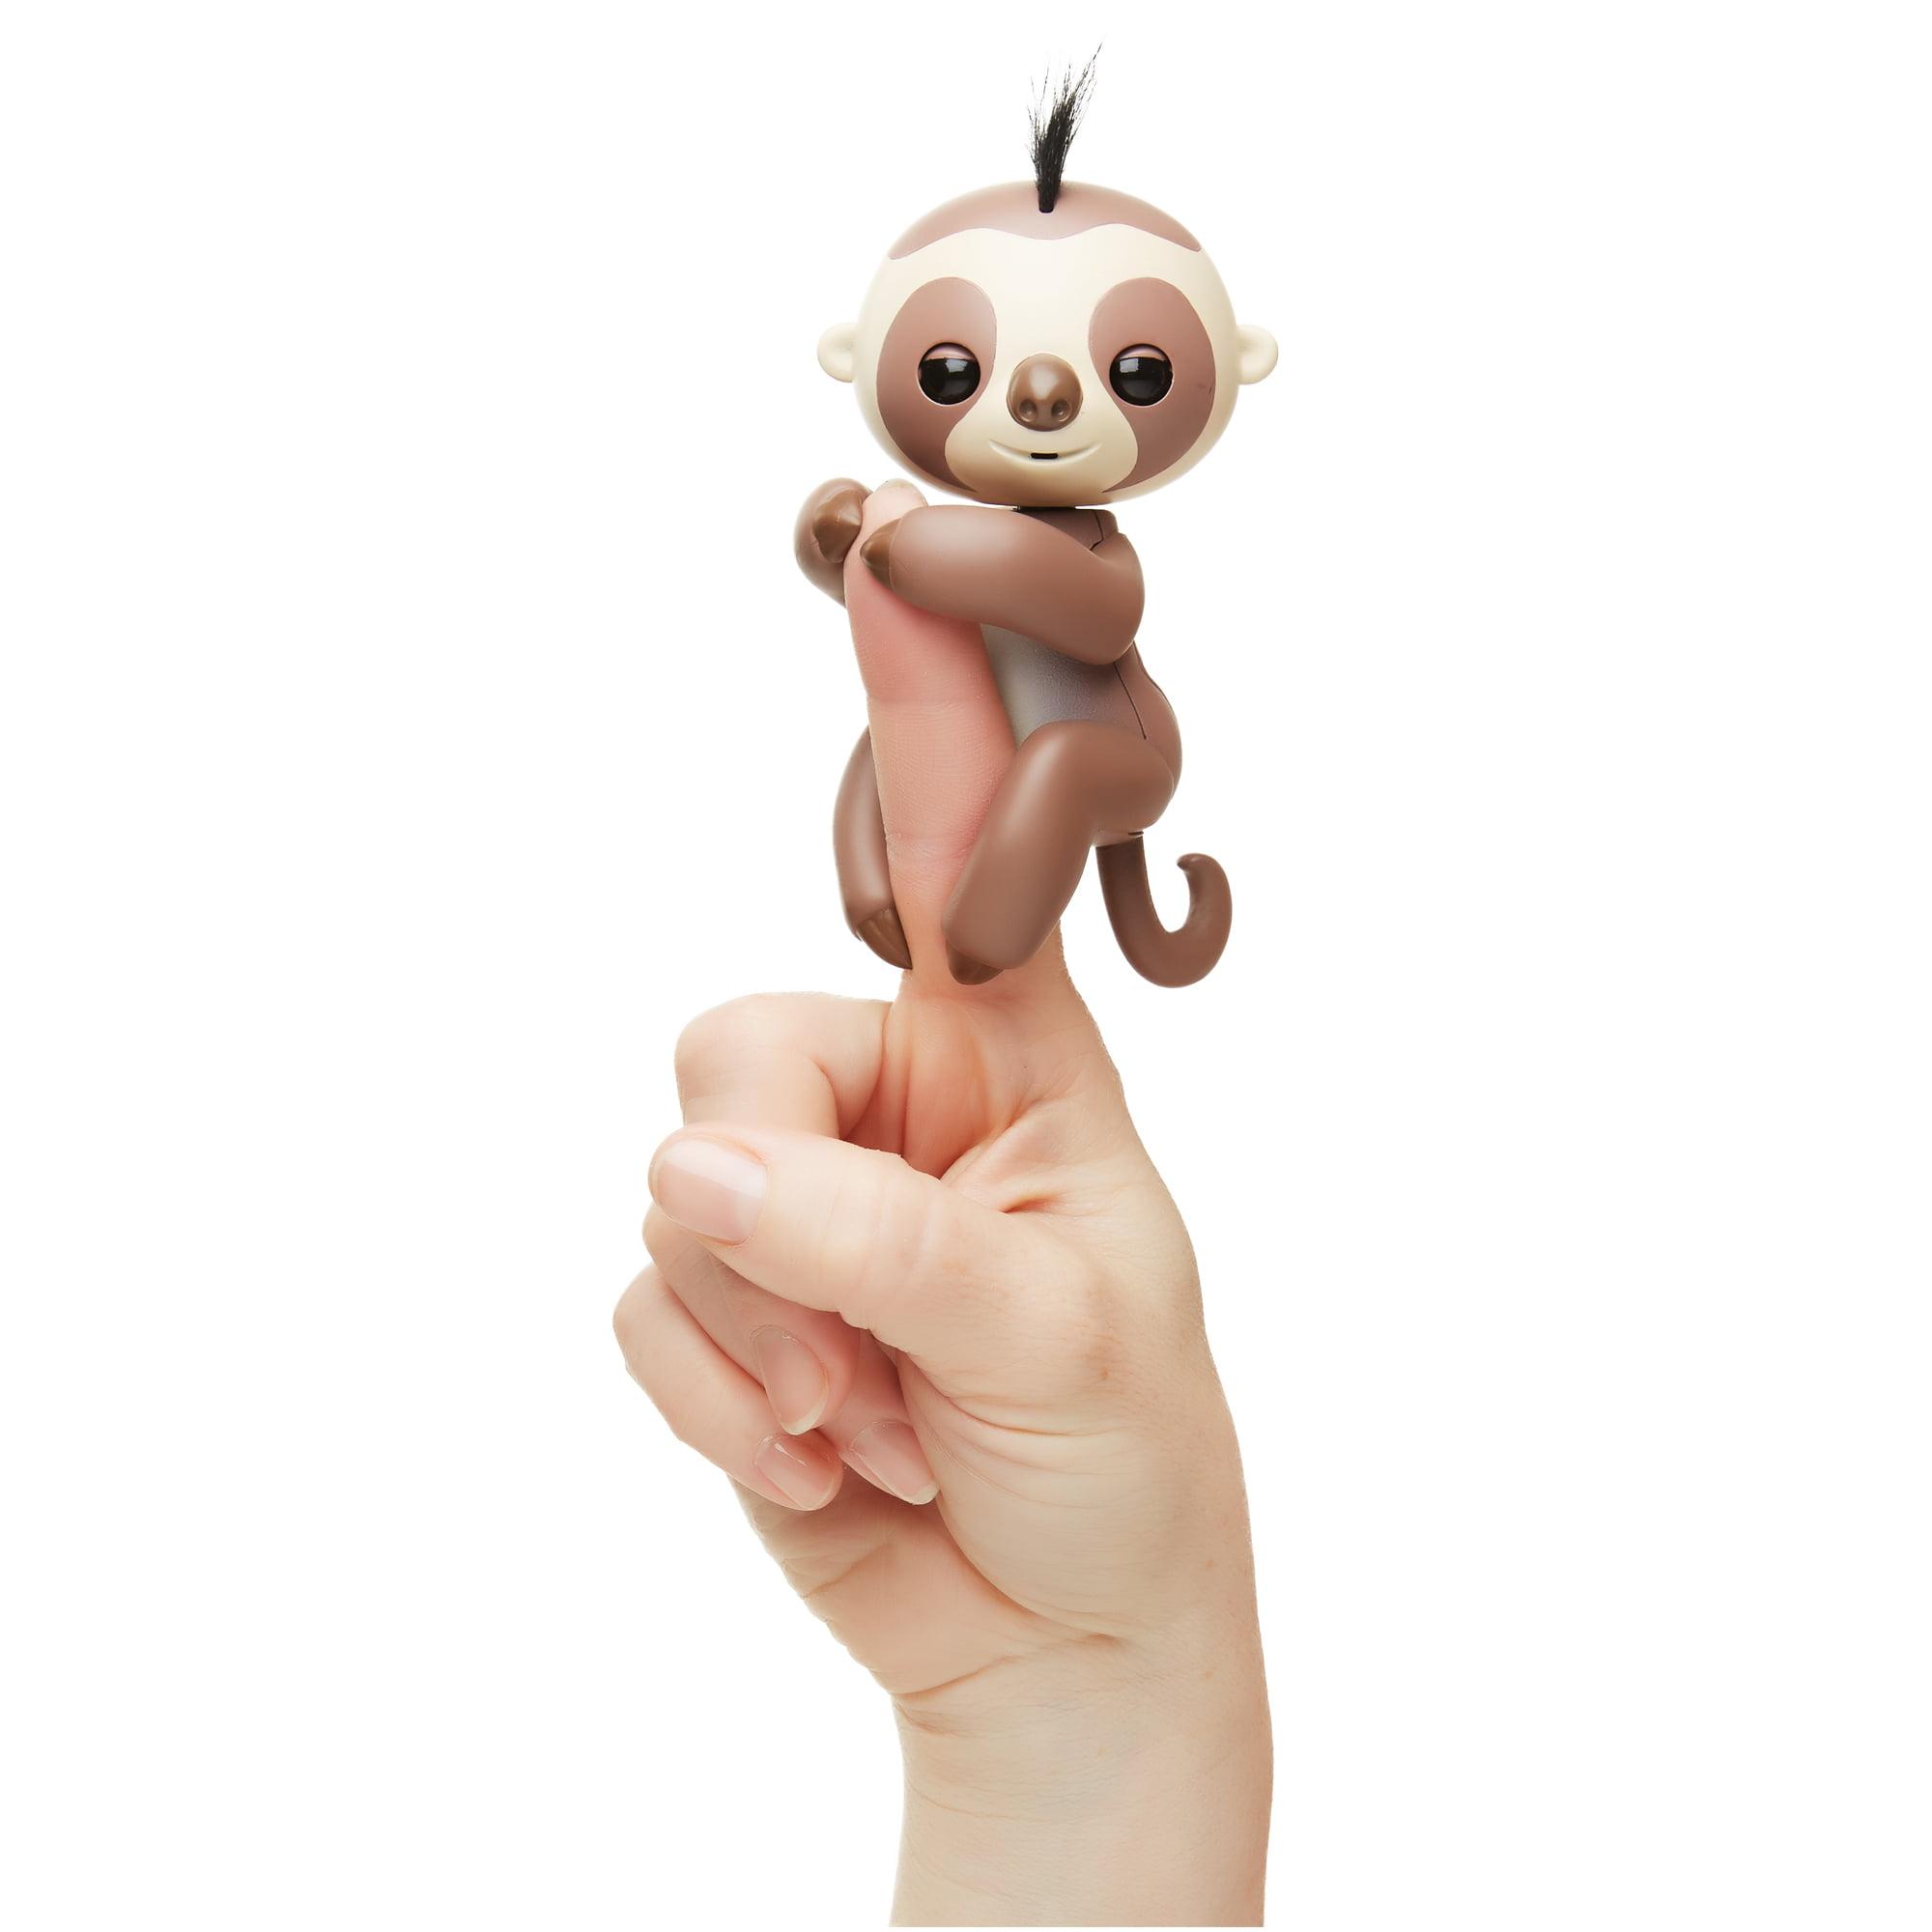 Fingerlings Interactive Sloth - Brown - Kingsley